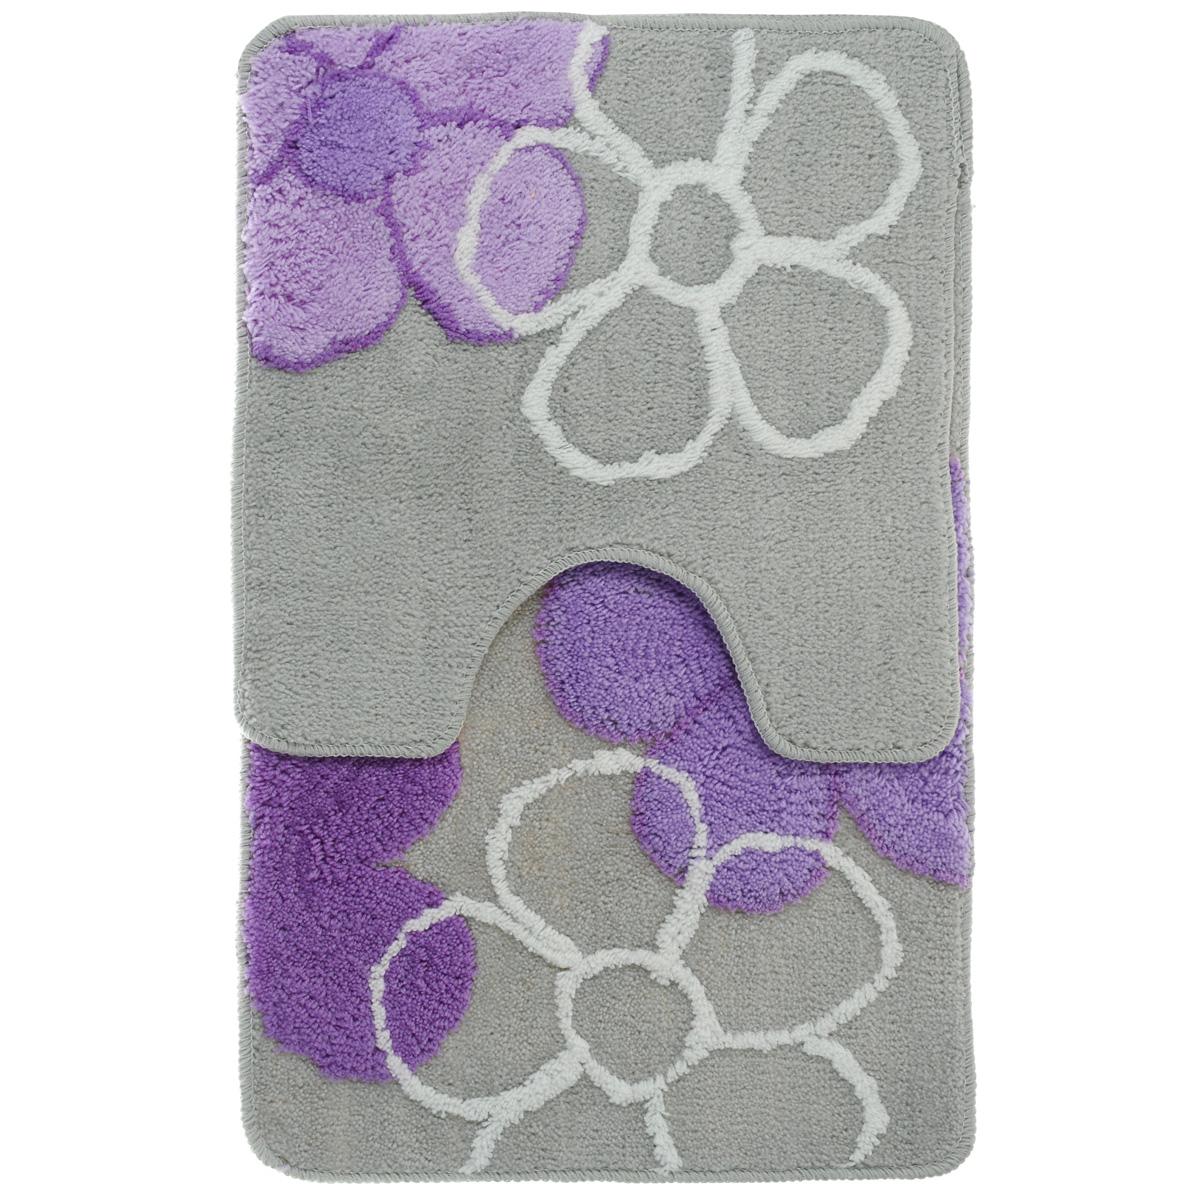 Комплект ковриков для ванной Fresh Code, цвет: серый, фиолетовый, 2 предмета55010Комплект Fresh Code состоит из коврика для ванной комнаты и туалета. Коврики изготовлены из акрила и оформлены цветочным изображением. Это экологически чистый, быстросохнущий, мягкий и износостойкий материал. Красители устойчивы, поэтому коврики не потускнеют даже после многократных стирок в стиральной машине. Благодаря латексной основе коврики не скользят на полу. Края изделий обработаны оверлоком. Можно использовать на полу с подогревом. Набор для ванной Fresh Code подарит ощущение тепла и комфорта, а также привнесет уют в вашу ванную комнату.